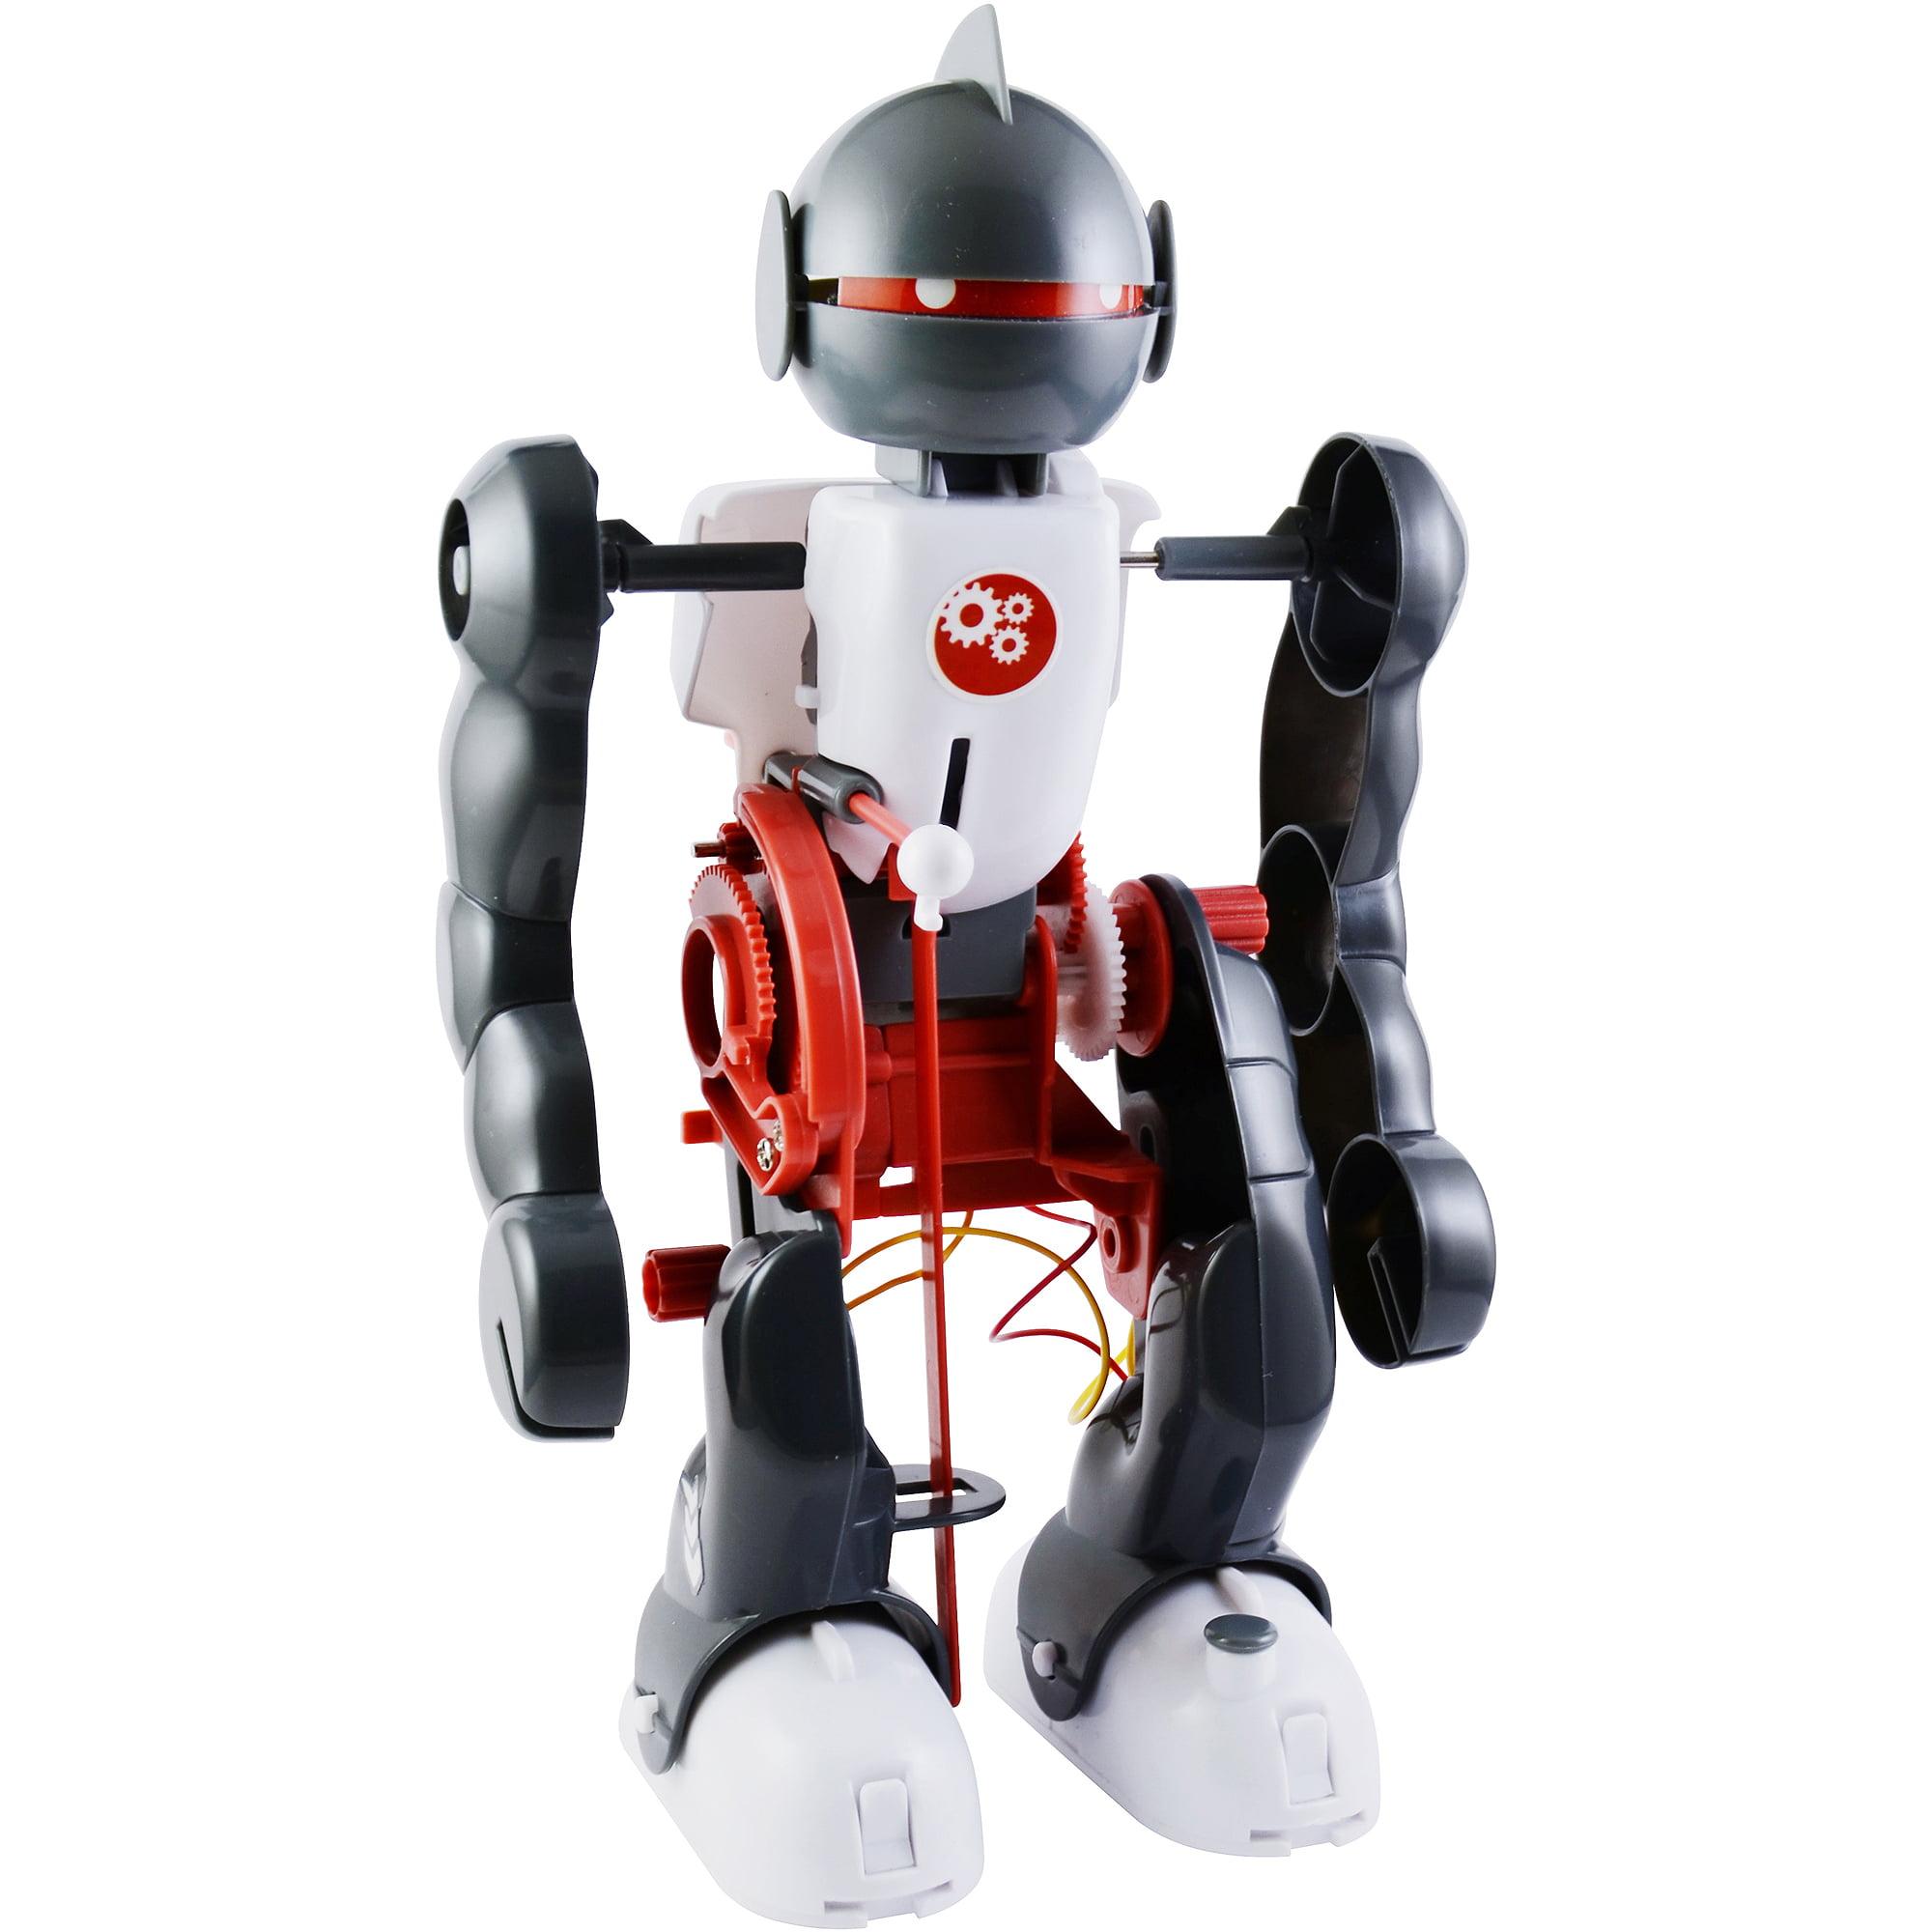 EDU Toys Tumbling Robot Kit